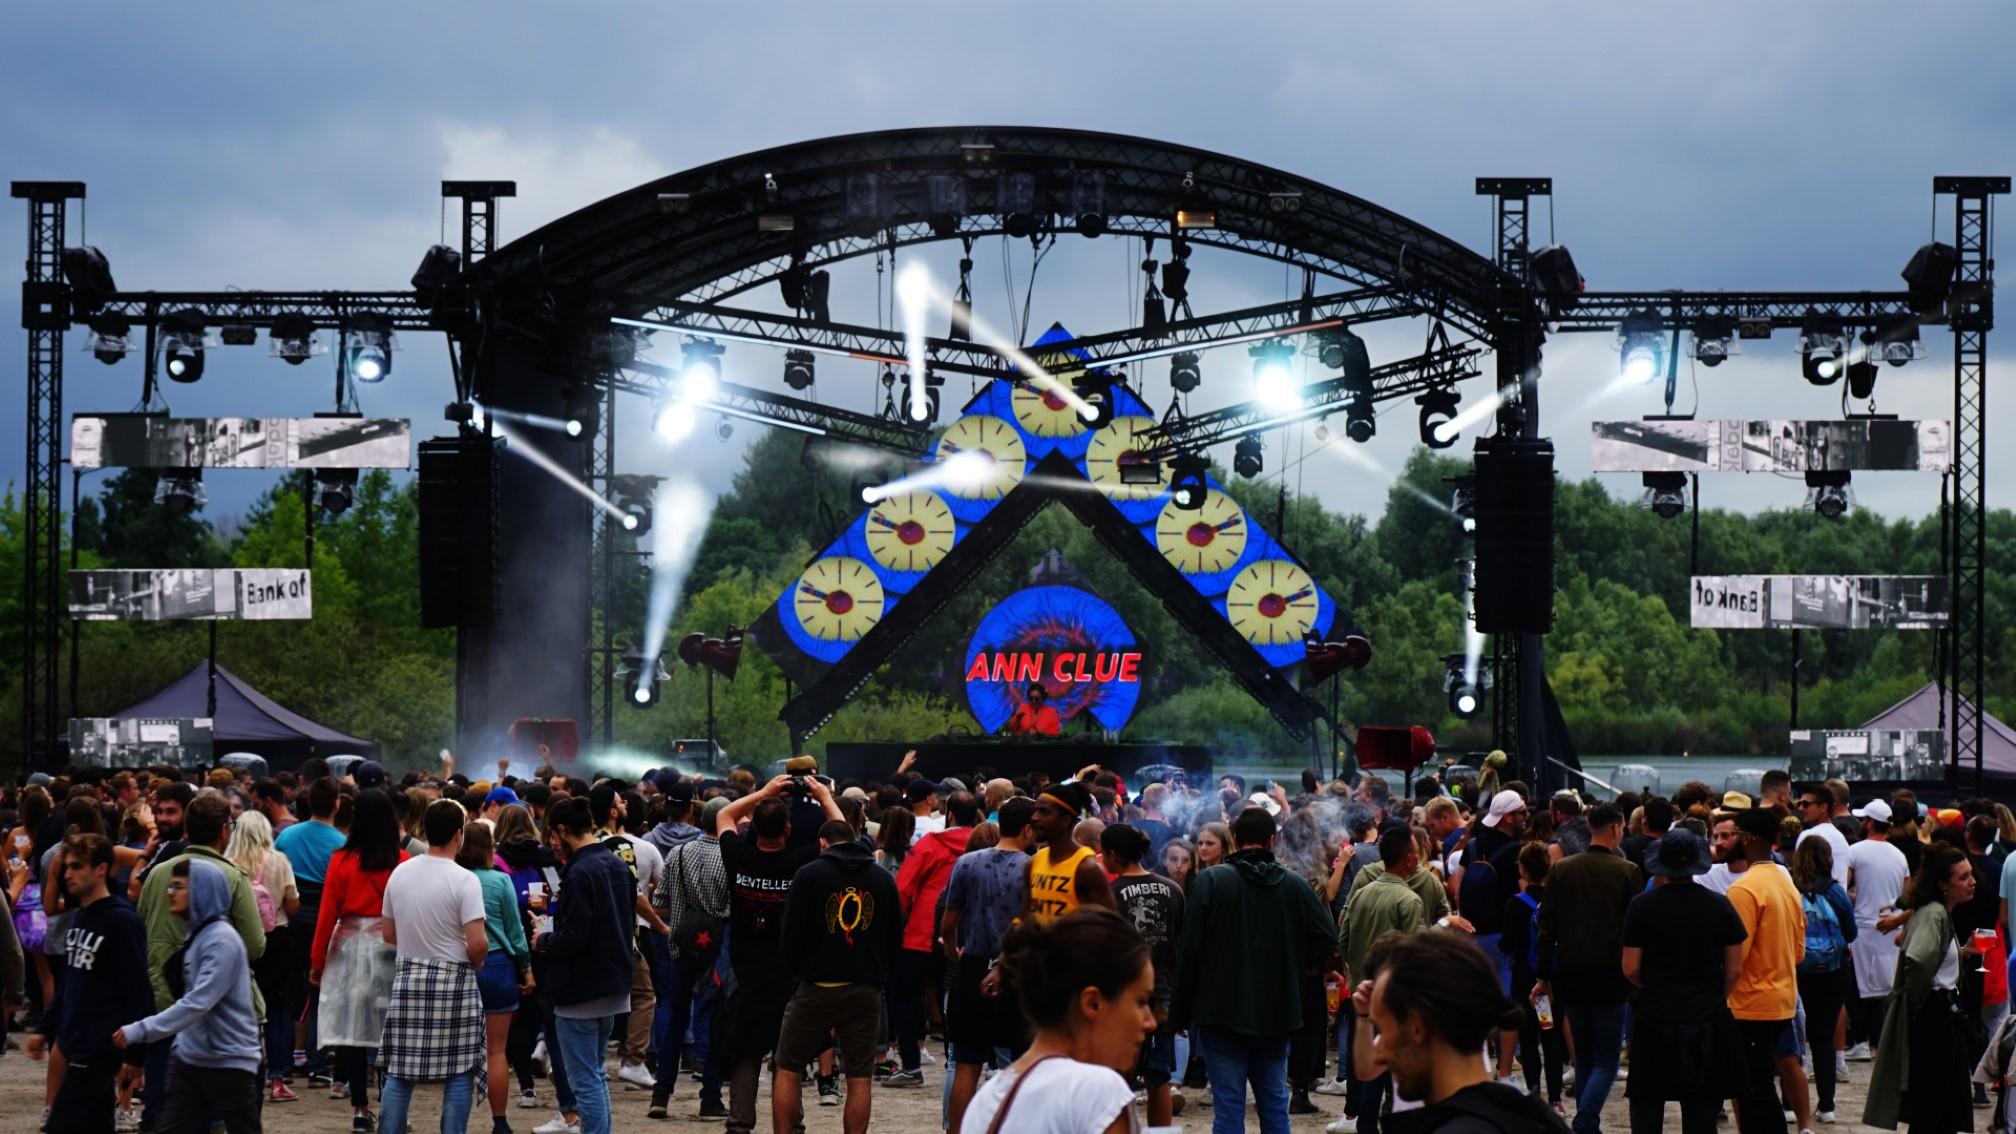 Plein_Air_Festival_Purpurea_-8